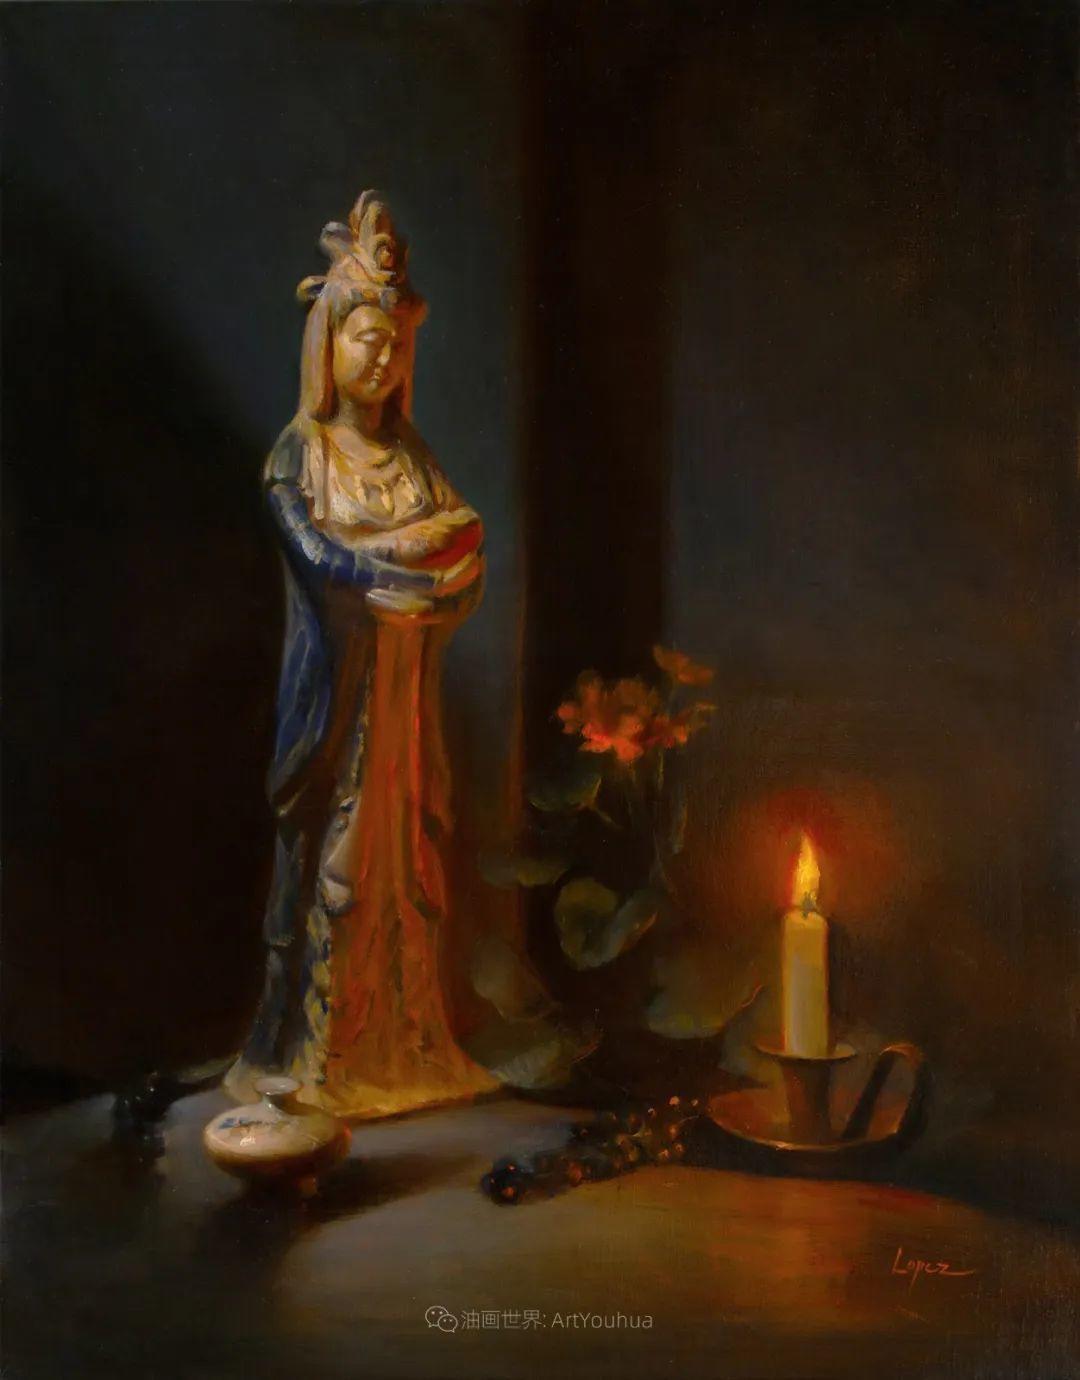 水果与静物,美国女画家莉亚·洛佩兹画选插图65